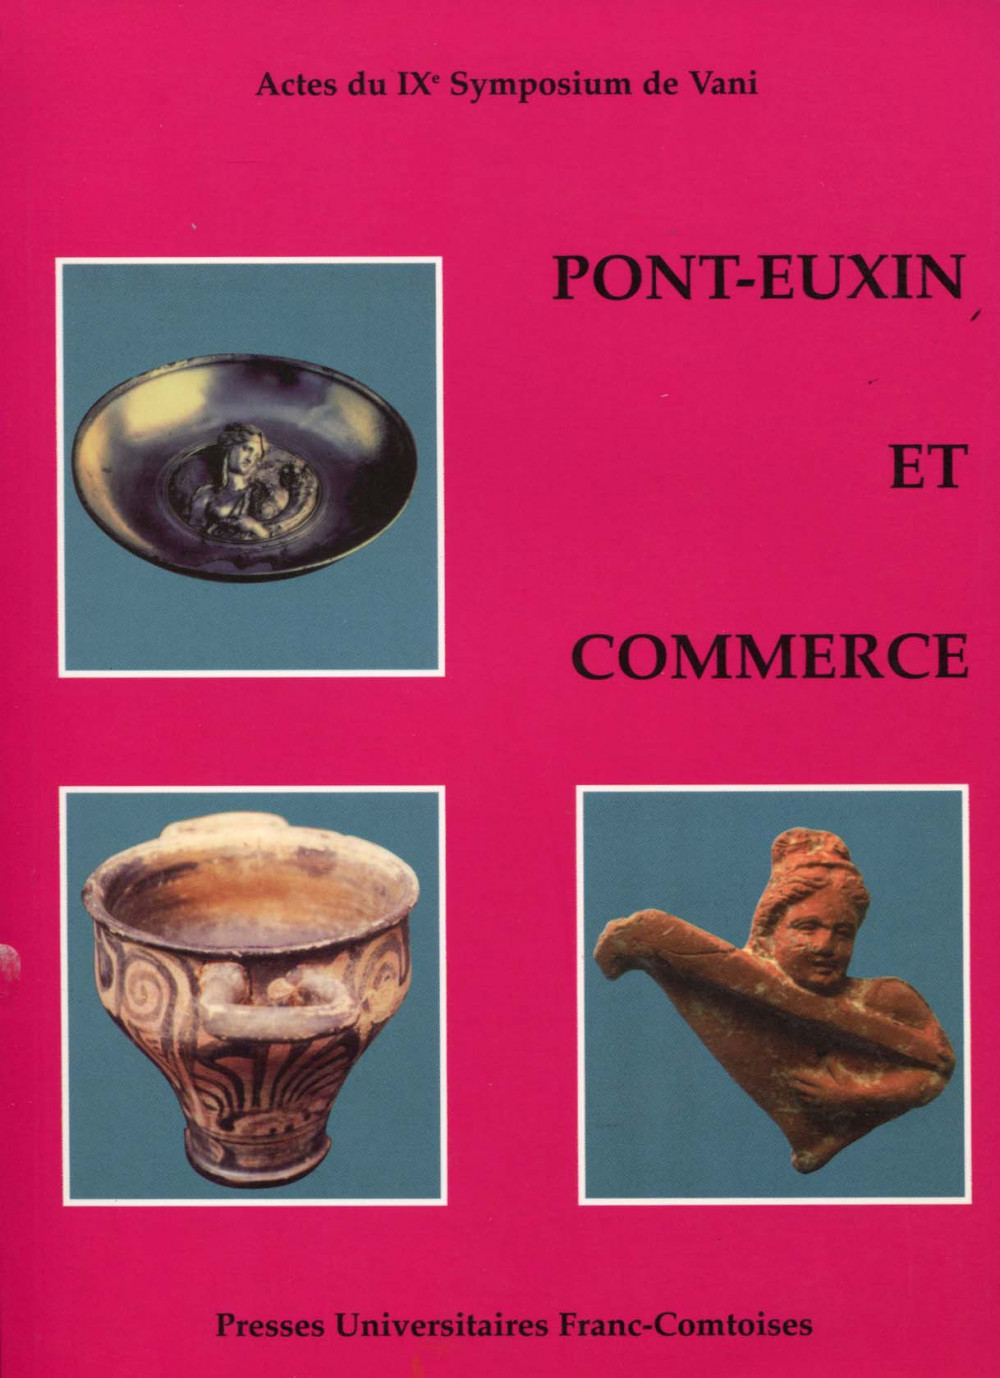 PONT-EUXIN ET COMMERCE